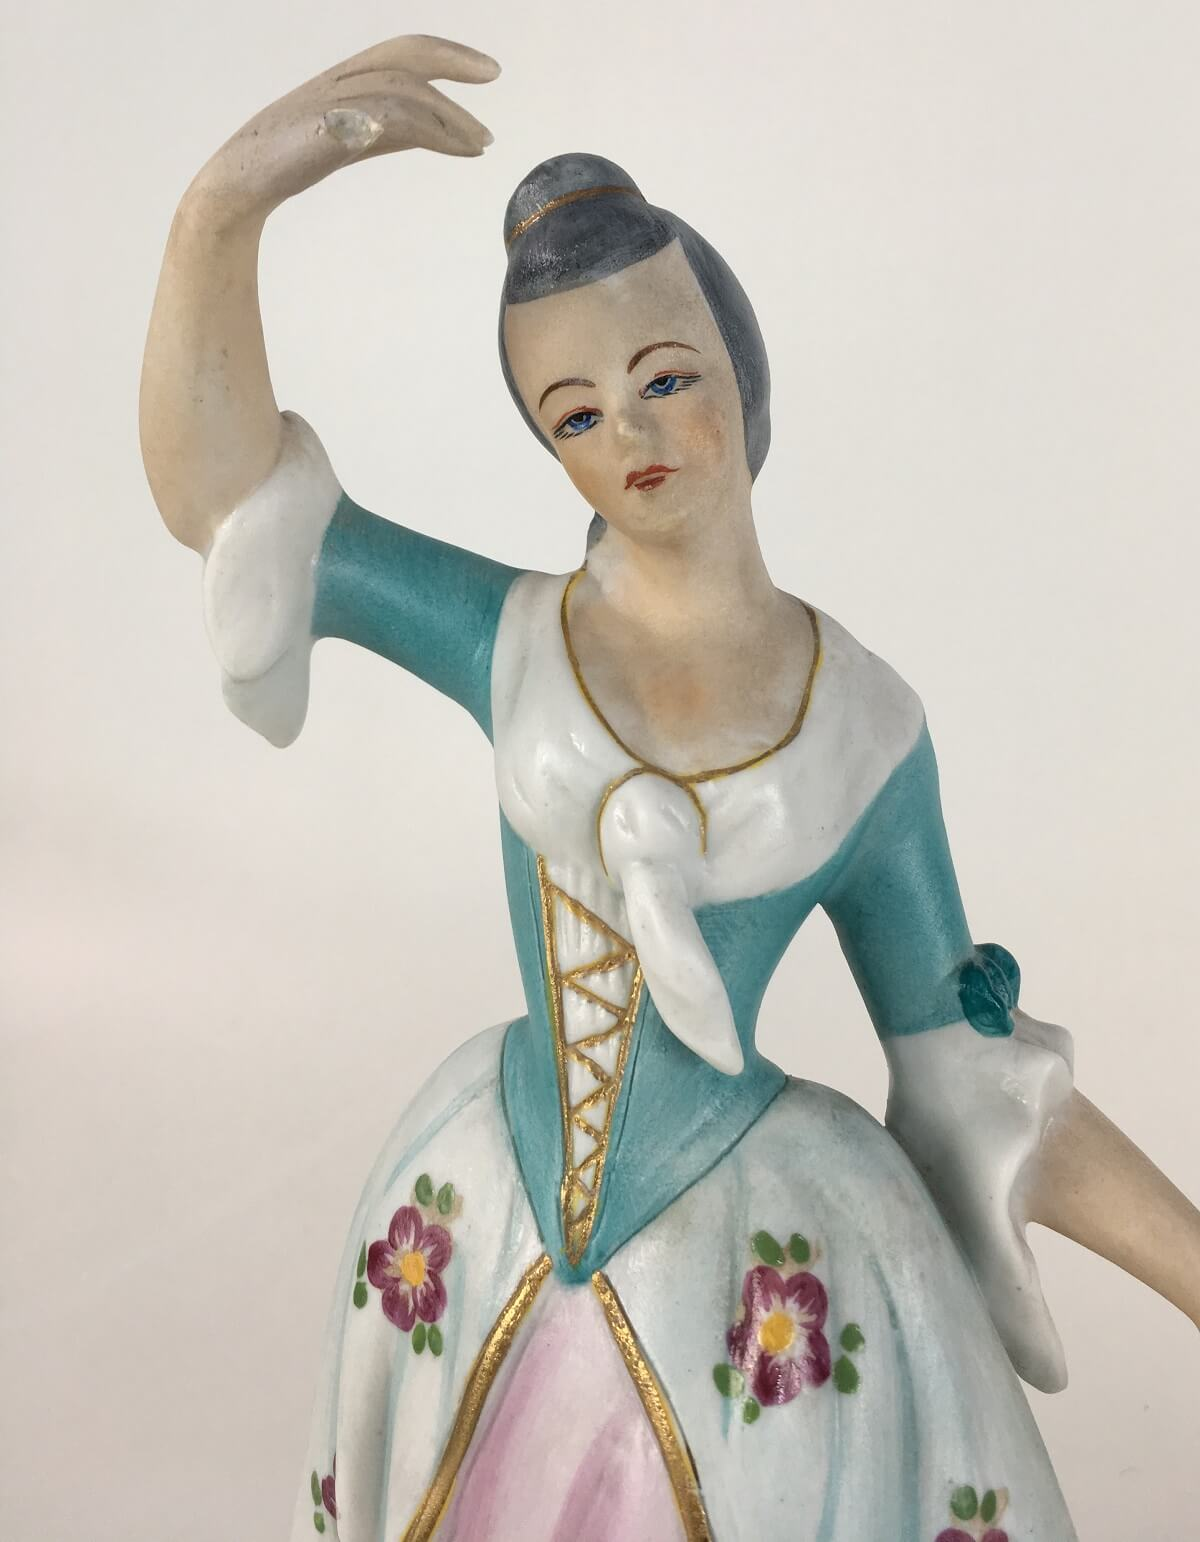 Escultura Casal Nobre Porcelana Antiga Biscuit 30cm